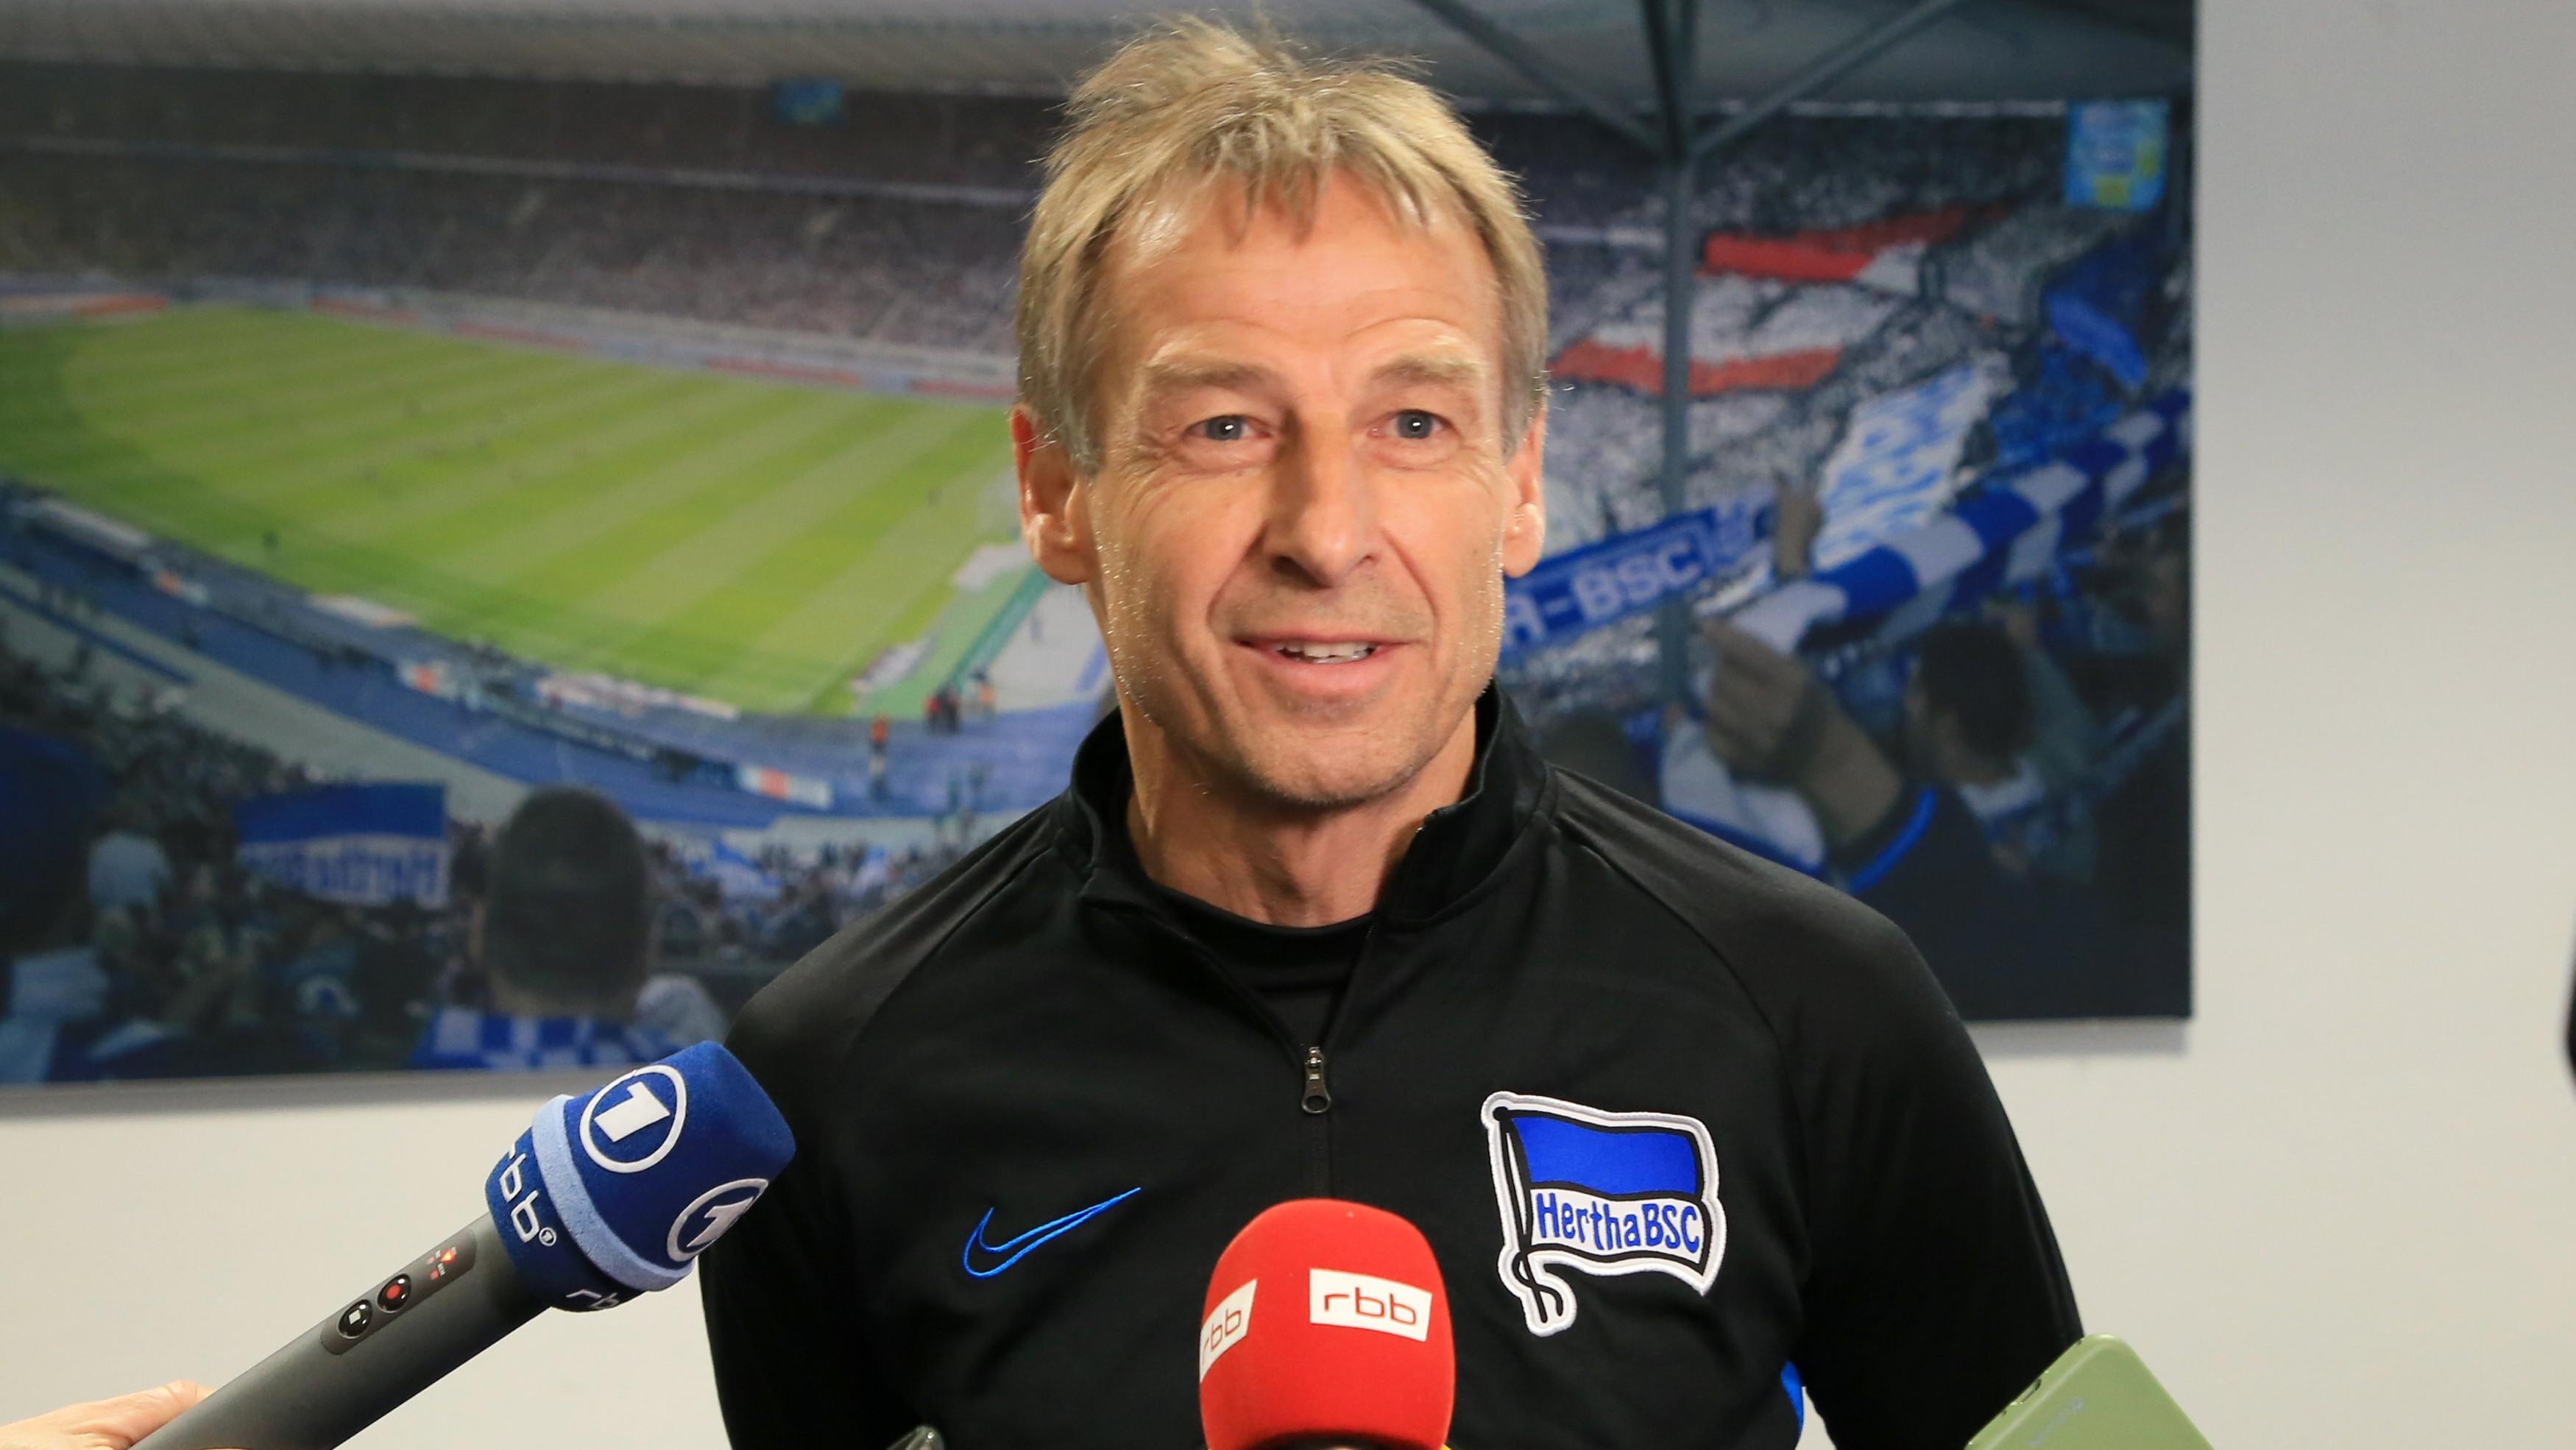 Vor Bayern-Spiel: Klinsmann vergisst Trainer-Lizenz in Florida